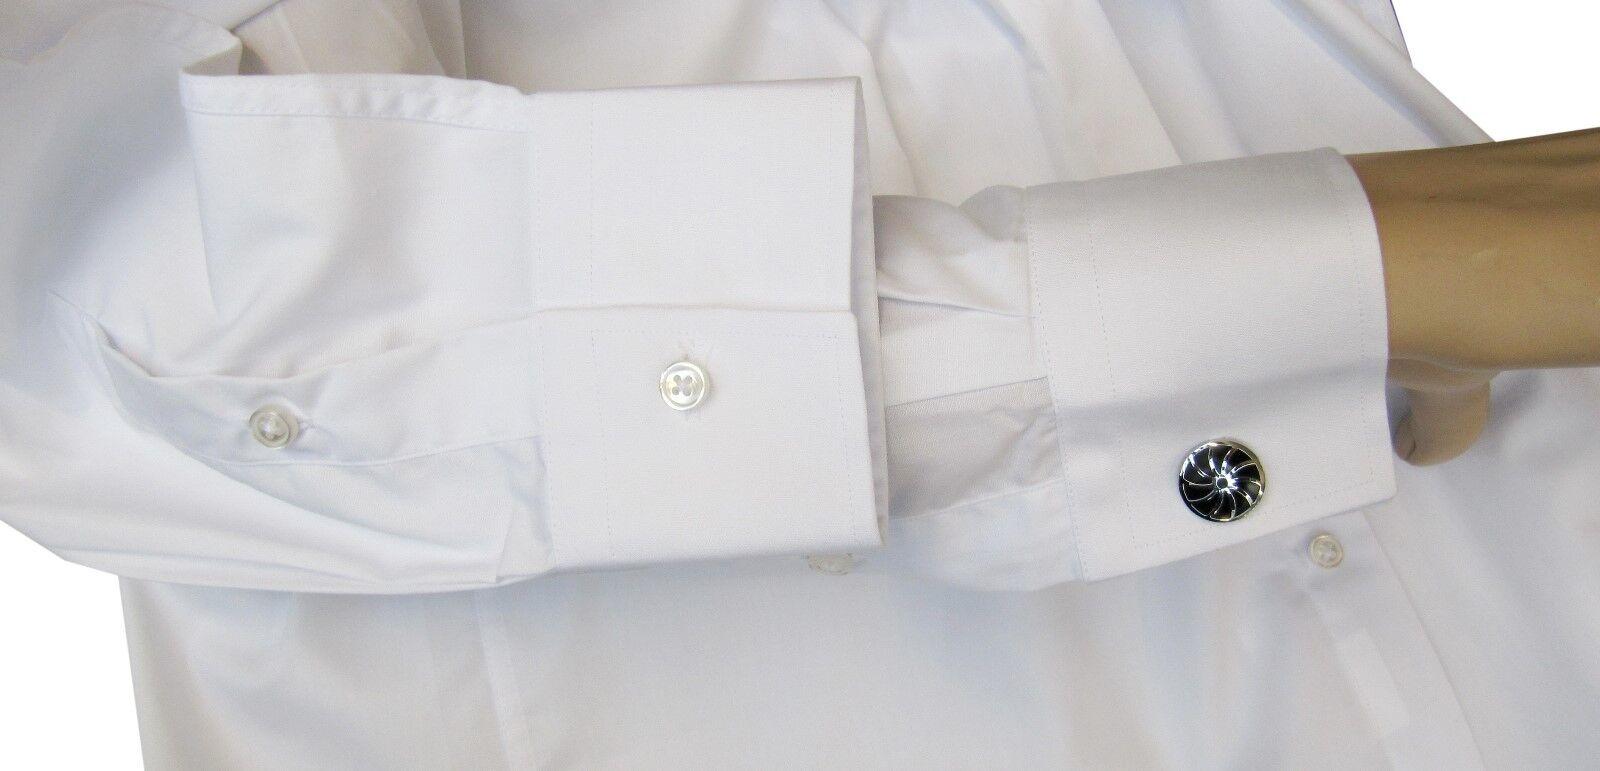 Slim-fit Hemd extra lange Armel    Gr.XXL Creme | Bekannt für seine gute Qualität  | Am wirtschaftlichsten  fdafcf